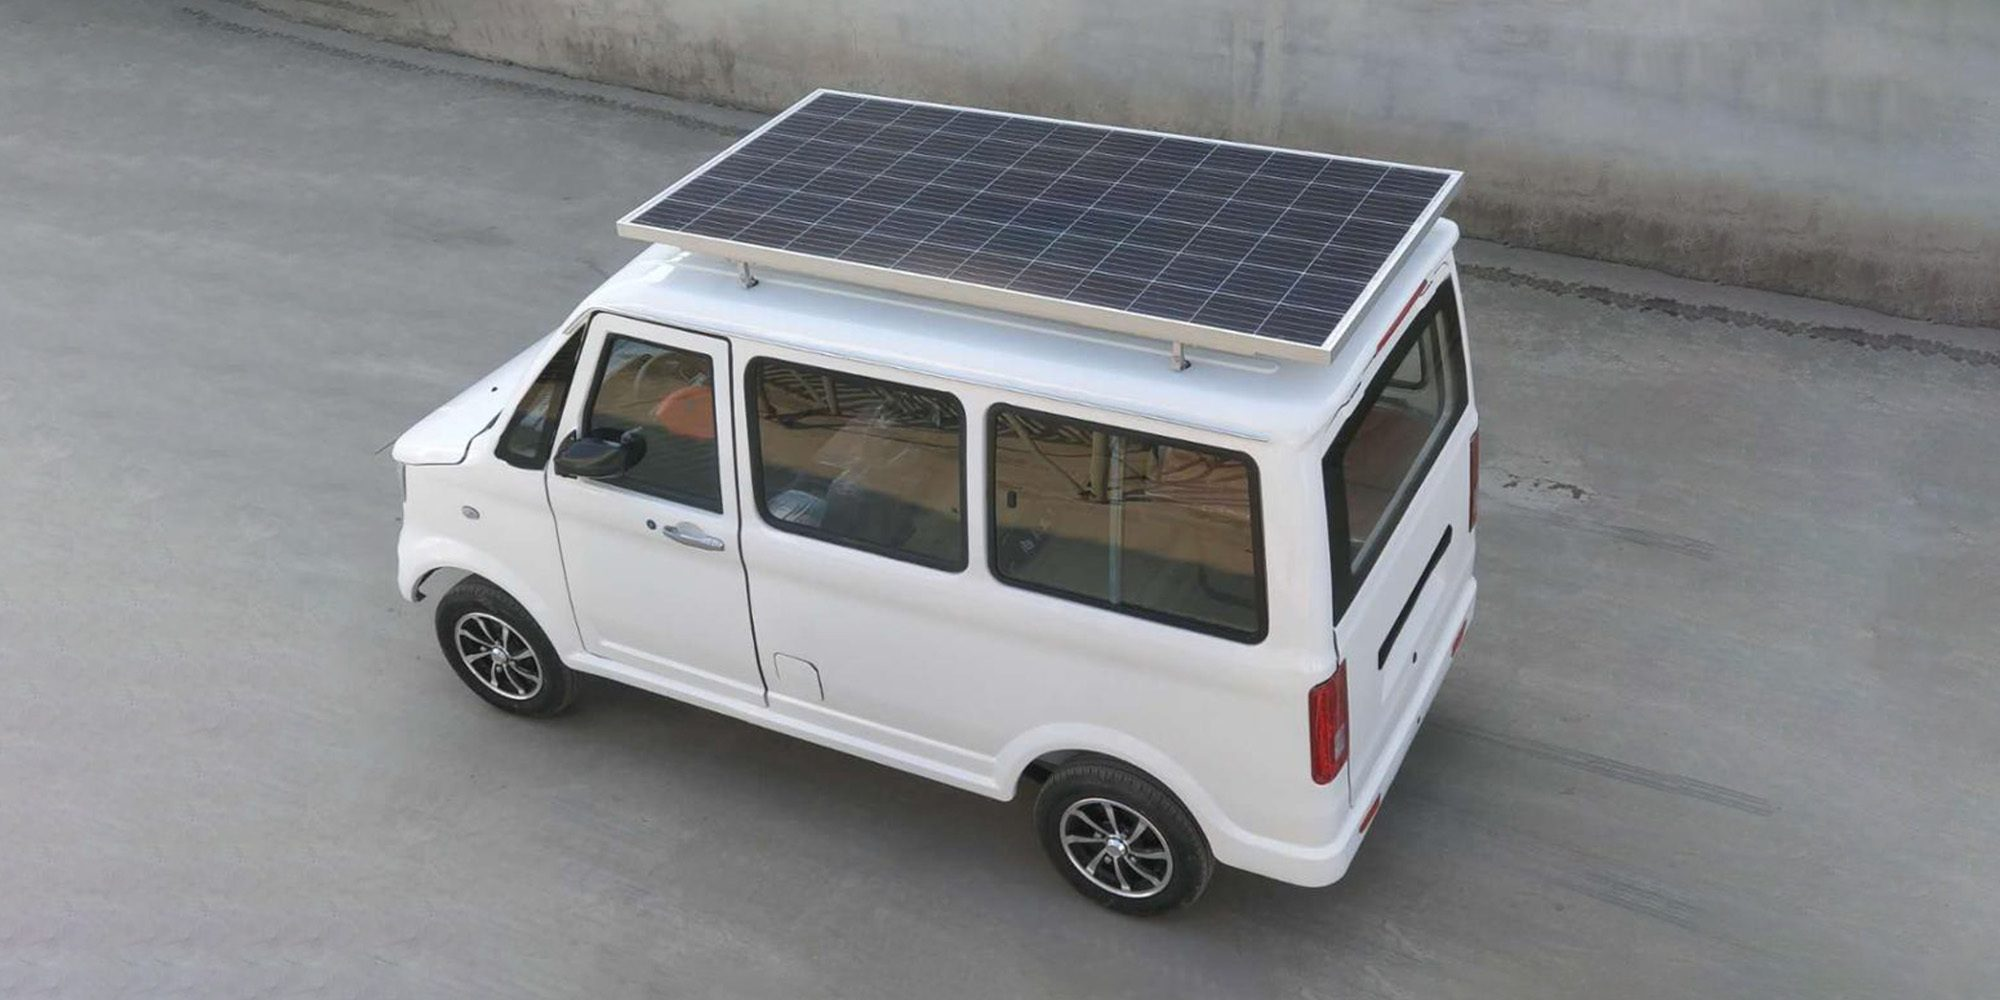 Pour moins de 5000 €, offrez-vous cette voiture solaire super moche